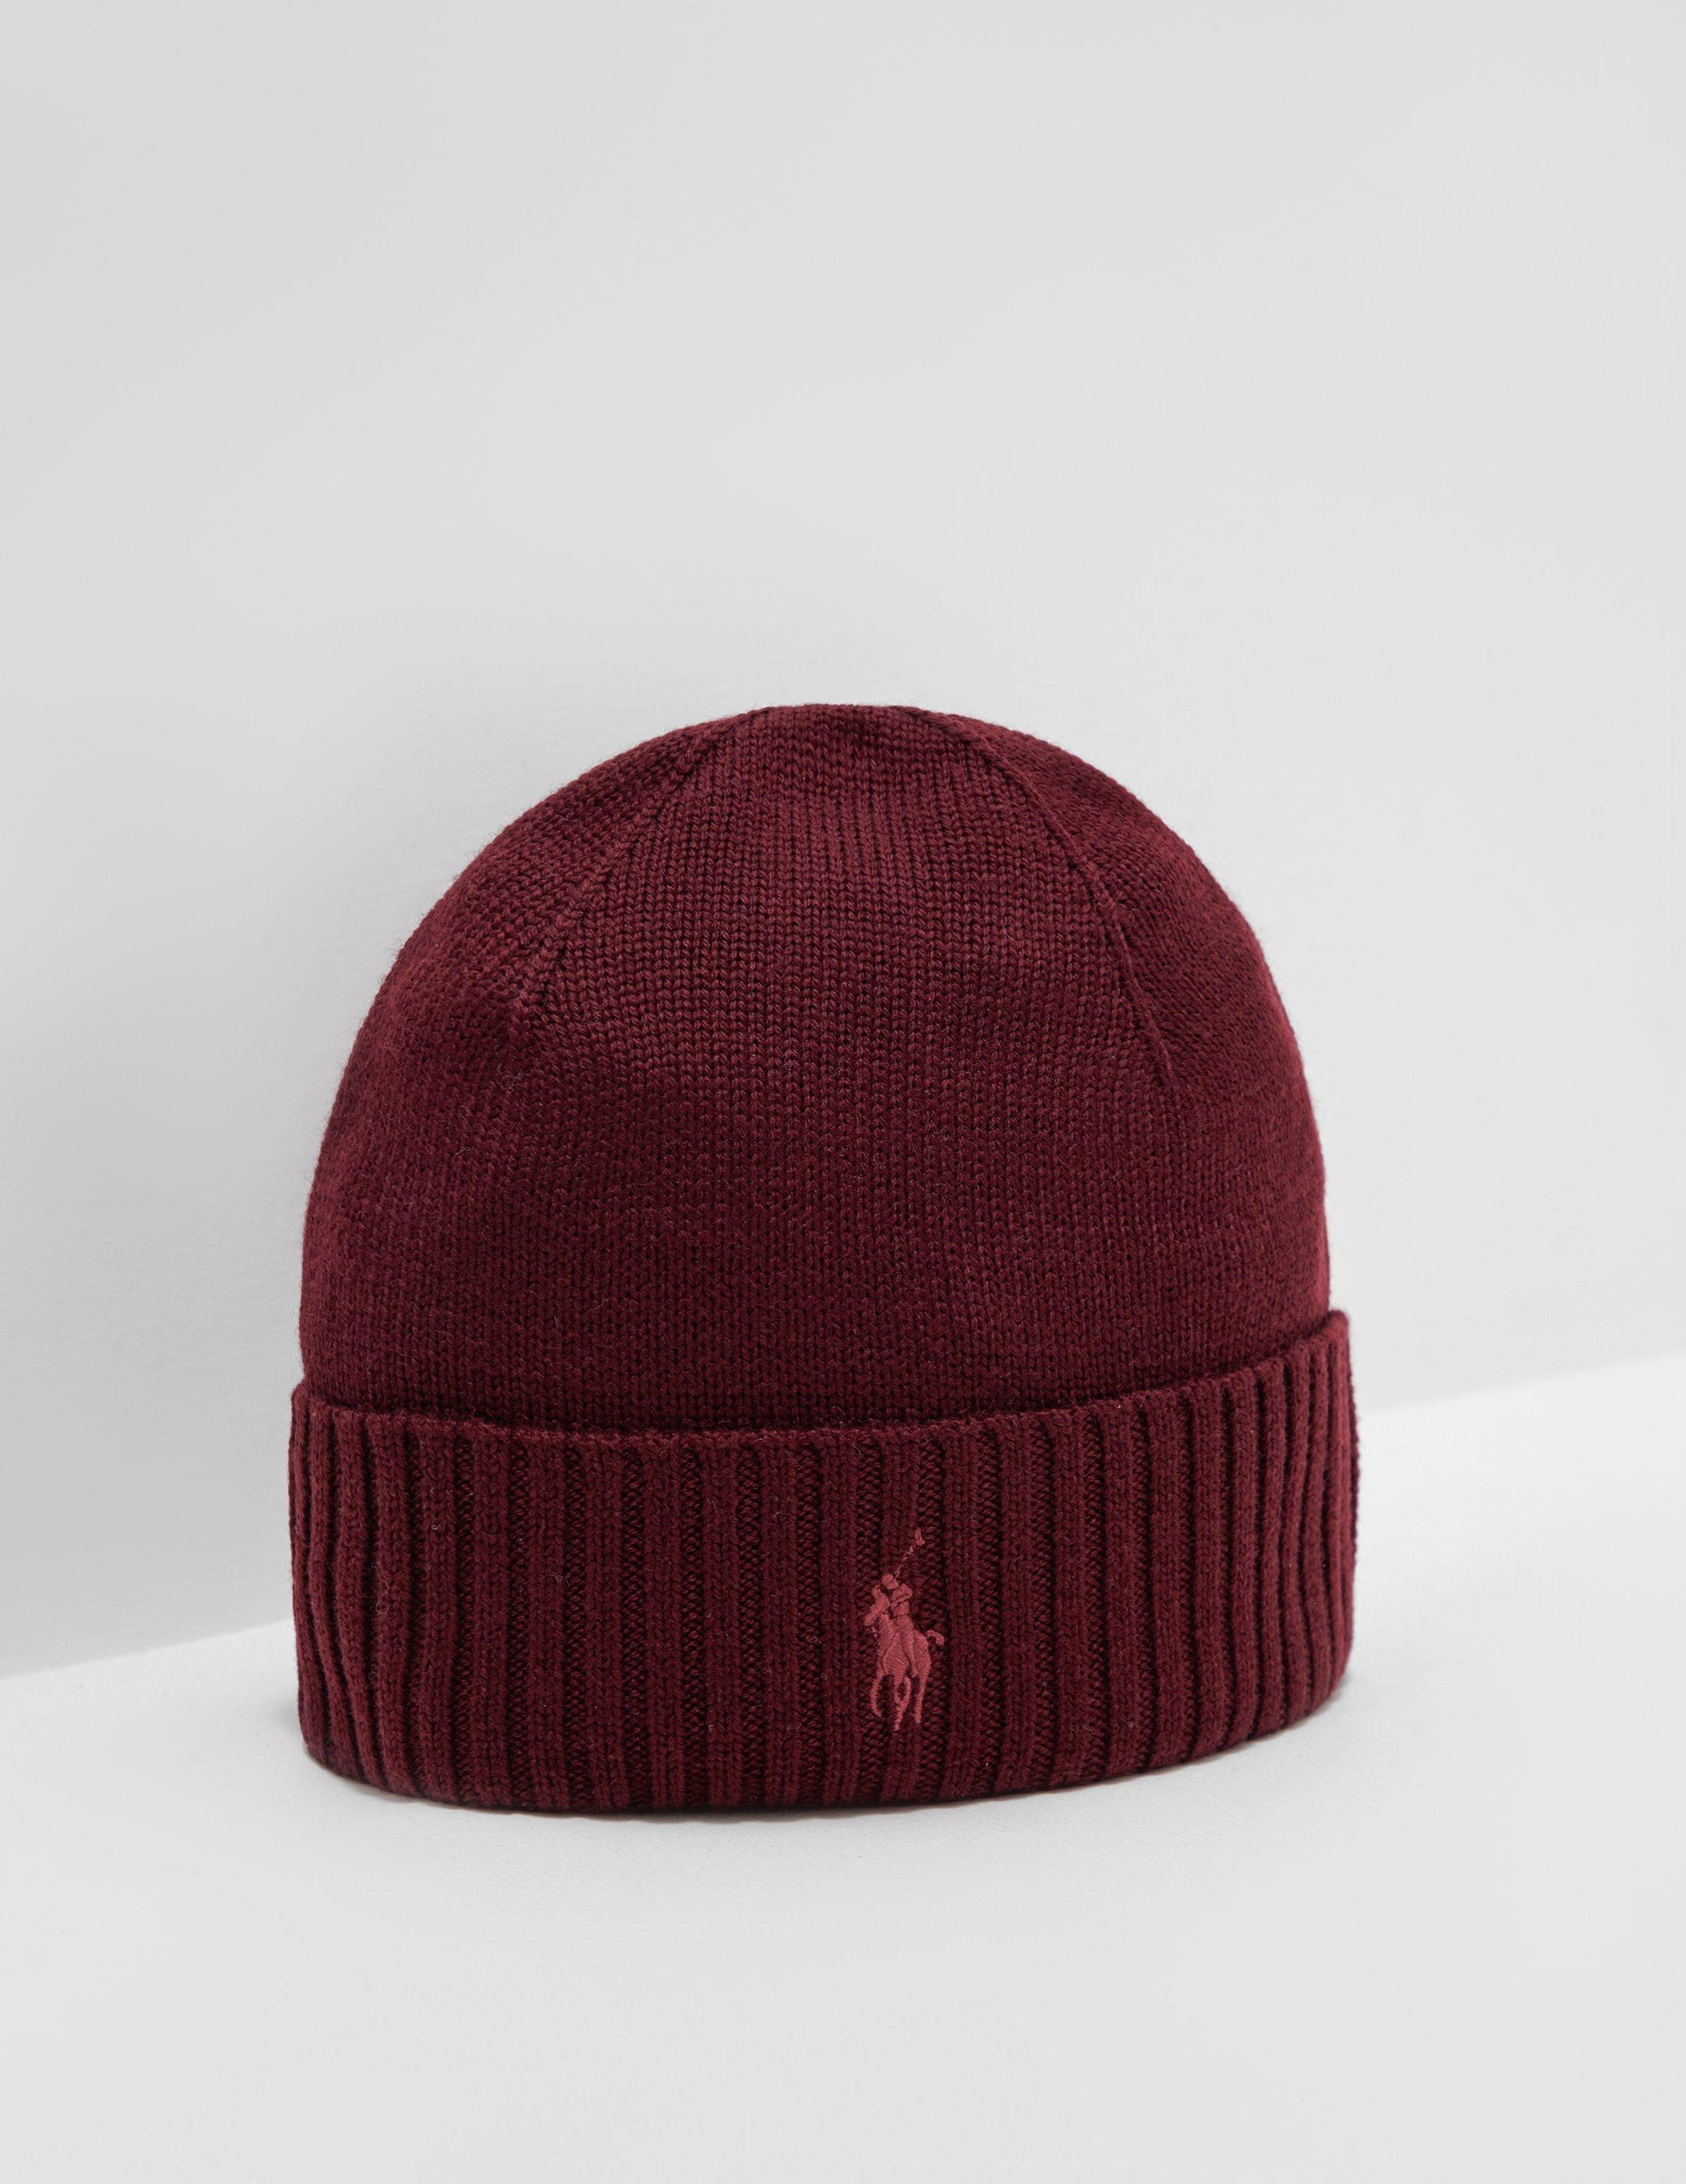 0563e17032f Polo Ralph Lauren - Mens Logo Beanie Red for Men - Lyst. View fullscreen